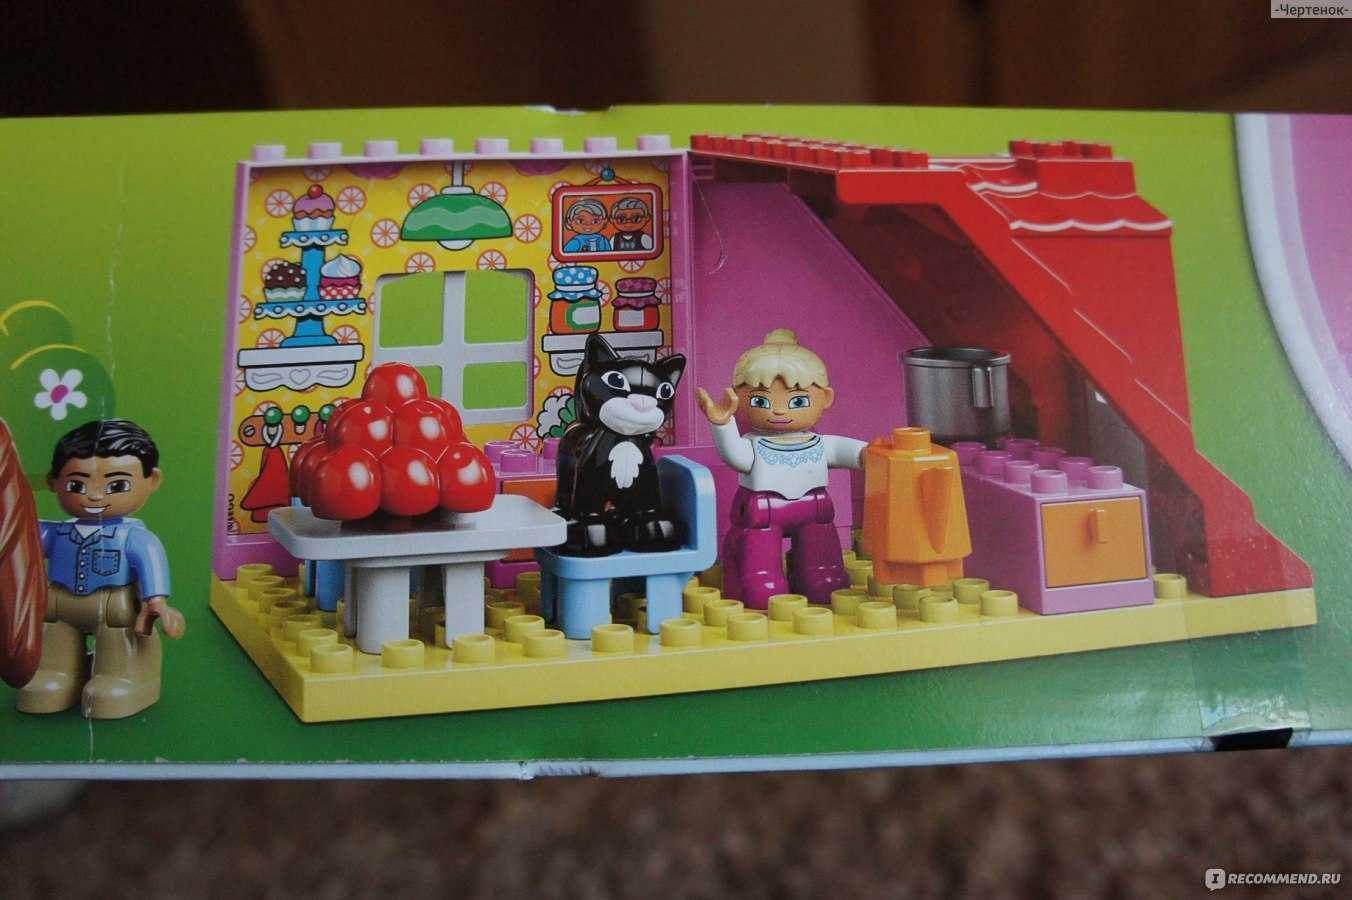 Купить конструктор lego duplo 10505 конструктор лего дупло кукольный домик купить в интернет-магазине toy.ru